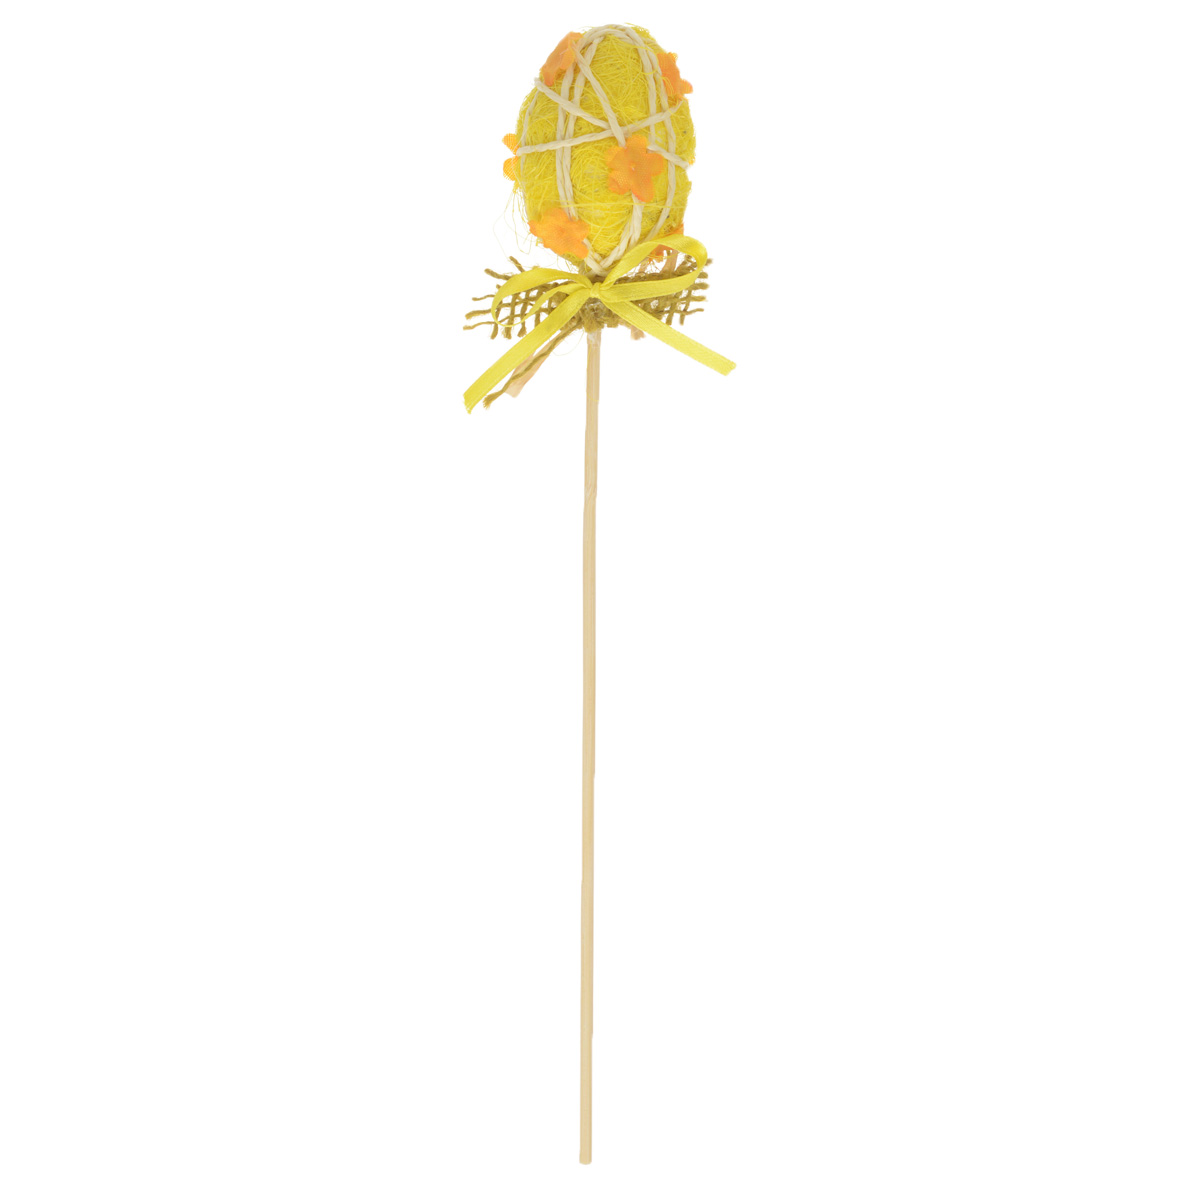 Декоративное украшение на ножке Home Queen Яйцо красивое, цвет: желтый, высота 20 смK100Декоративное украшение Home Queen Яйцо красивое выполнено из пенопласта в виде пасхального яйца на деревянной ножке, декорированного рельефными цветами. Изделие украшено лентой. Такое украшение прекрасно дополнит подарок для друзей или близких на Пасху. Высота: 20 см. Размер яйца: 5,5 см х 4,5 см.